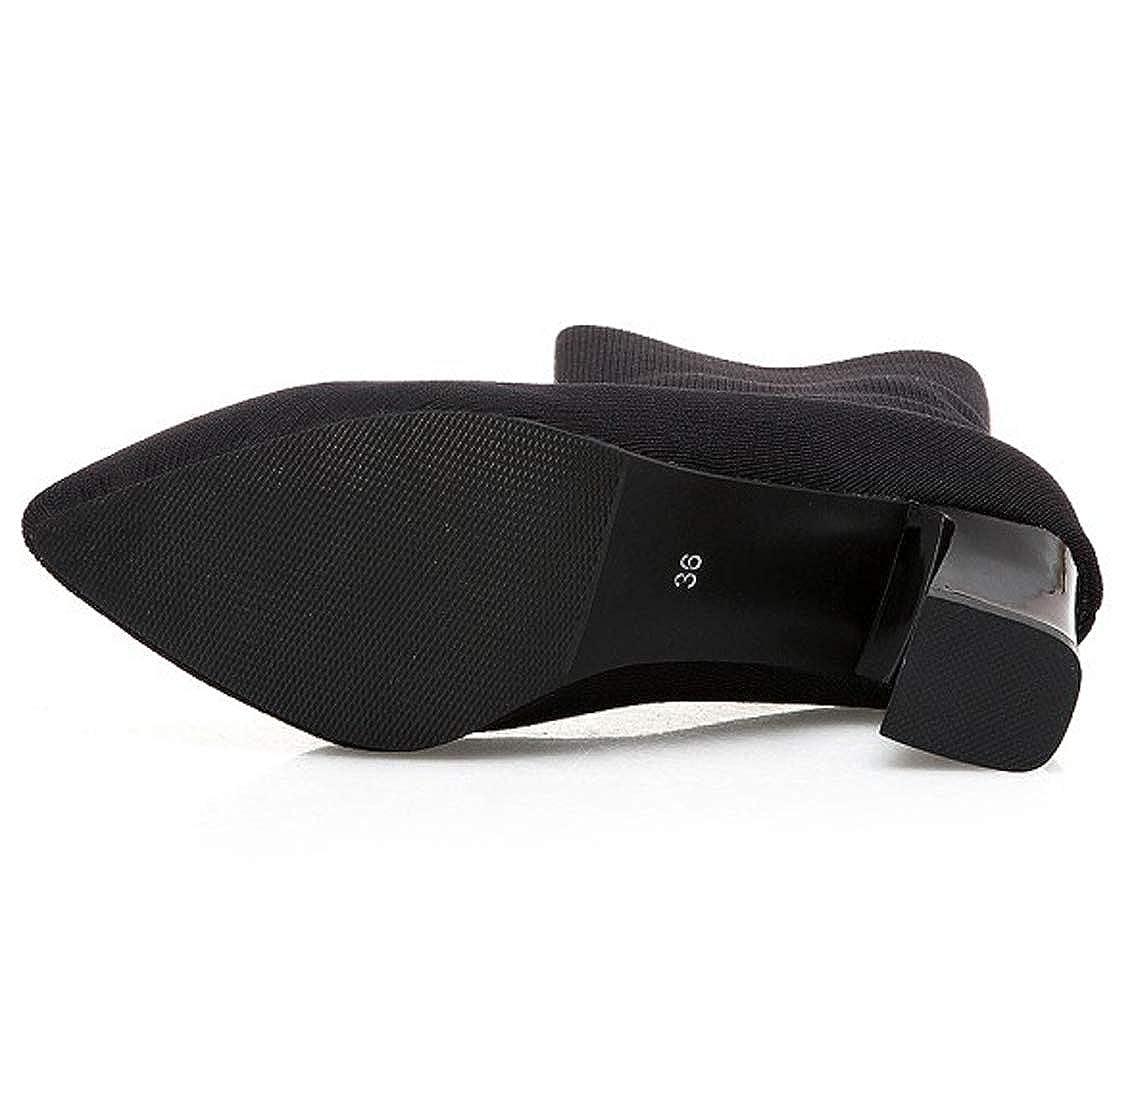 En Maille Chaussettes Noir Bottes Seraph Shoes q70wt44